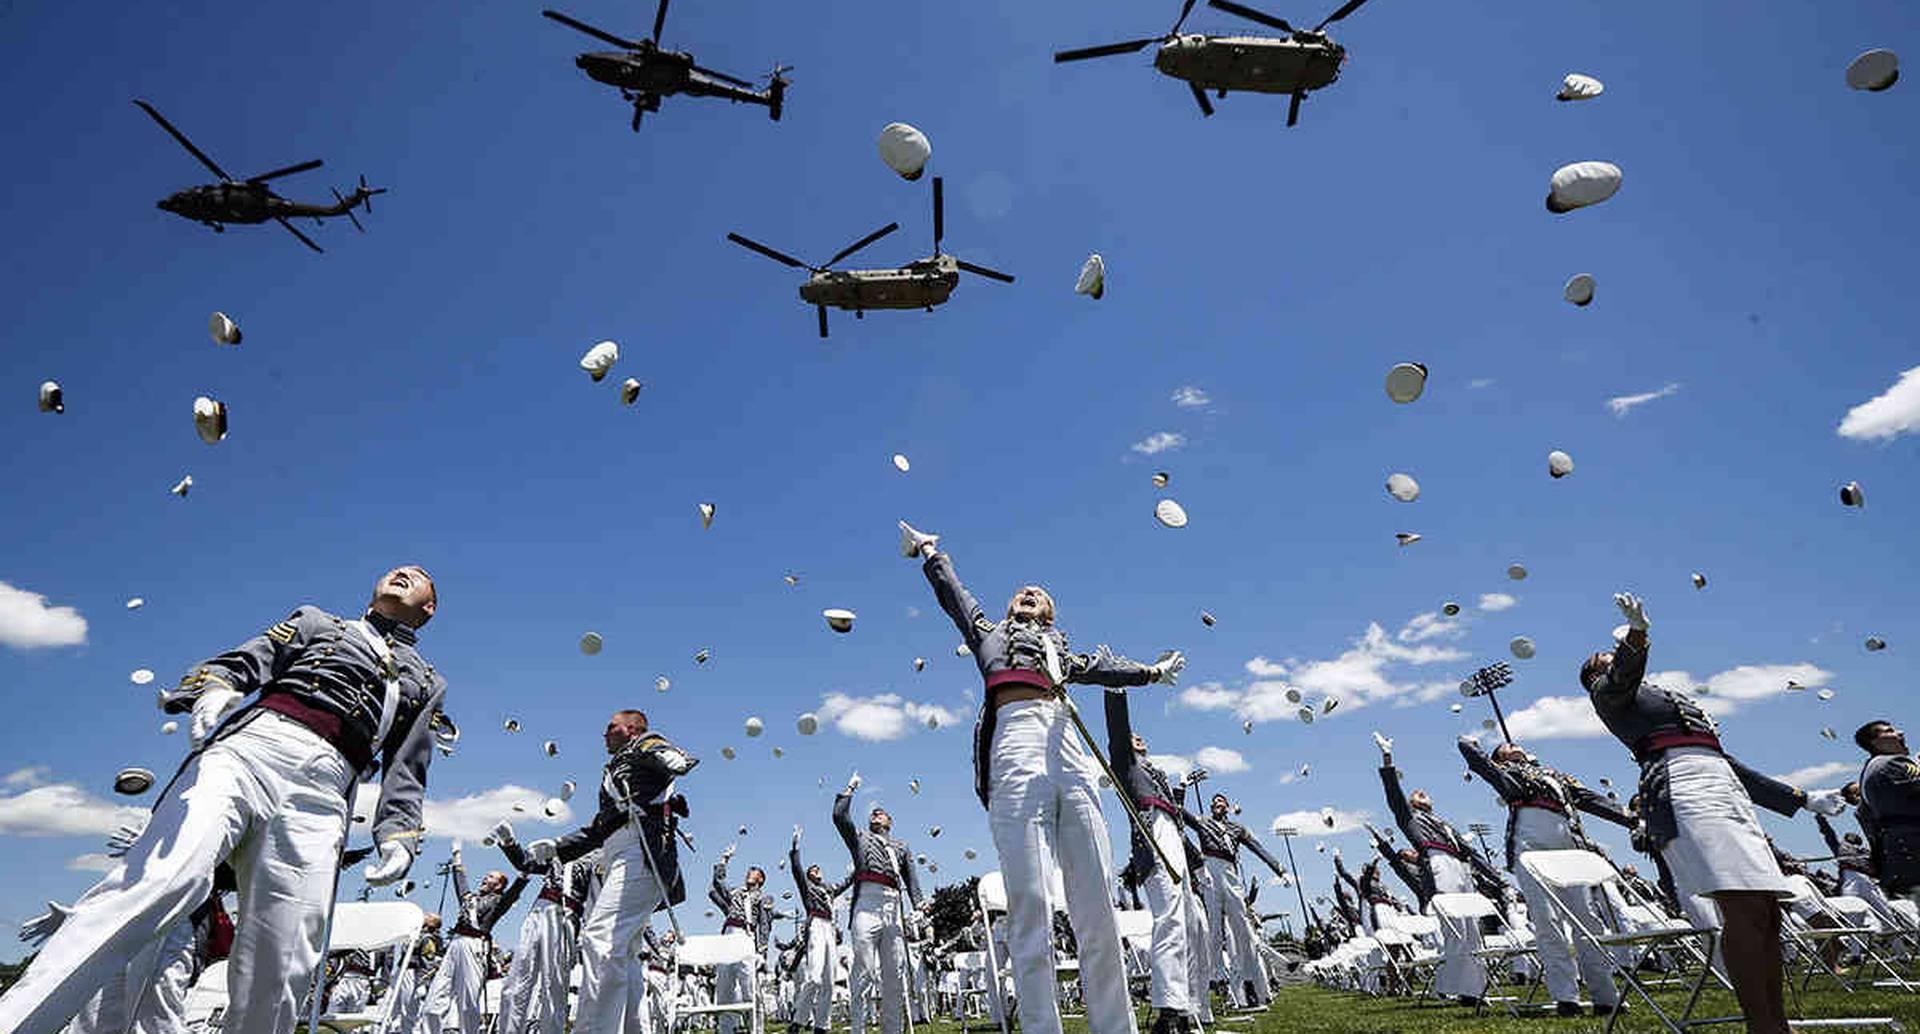 Cadetes de la Academia Militar de Estados Unidos celebran su graduación, el 13 de junio, en West Point, Estados Unidos. Foto: John Minchillo, Pool/ AP